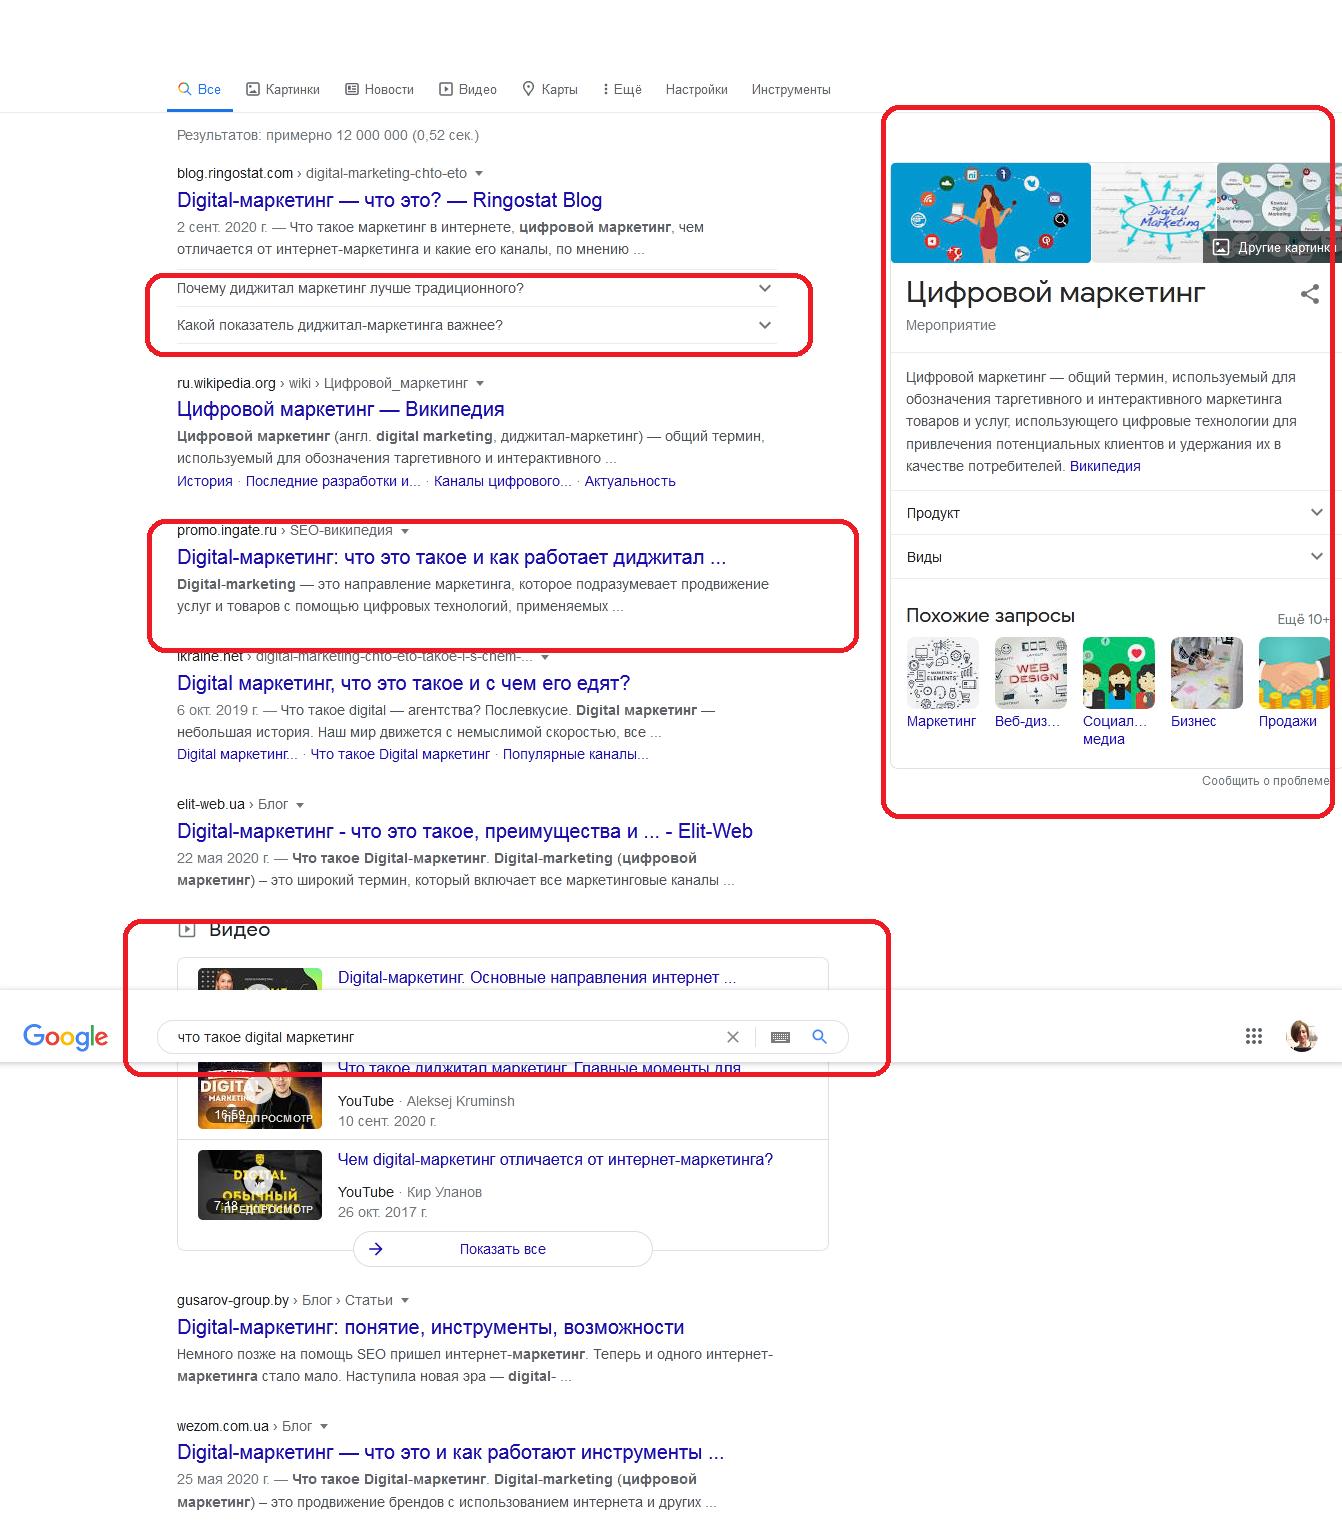 структура поисковой выдачи по запросу в Google